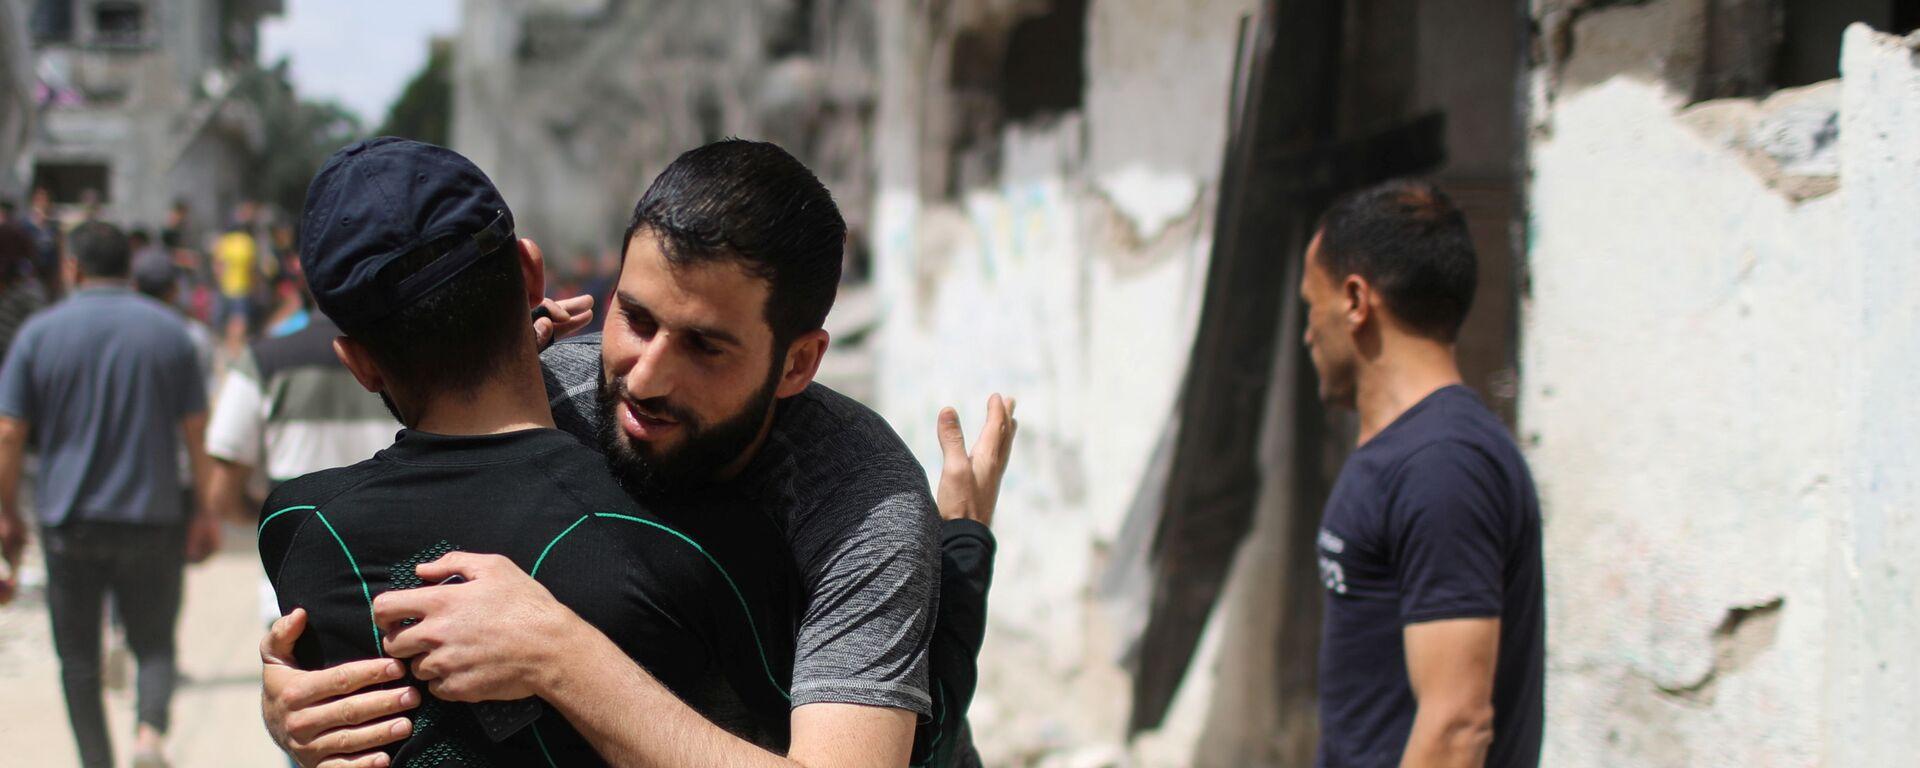 Палестинцы обнимаются друг с другом после возвращения в свои разрушенные дома после перемирия между Израилем и ХАМАС в Бейт-Хануне  - Sputnik Mundo, 1920, 21.05.2021